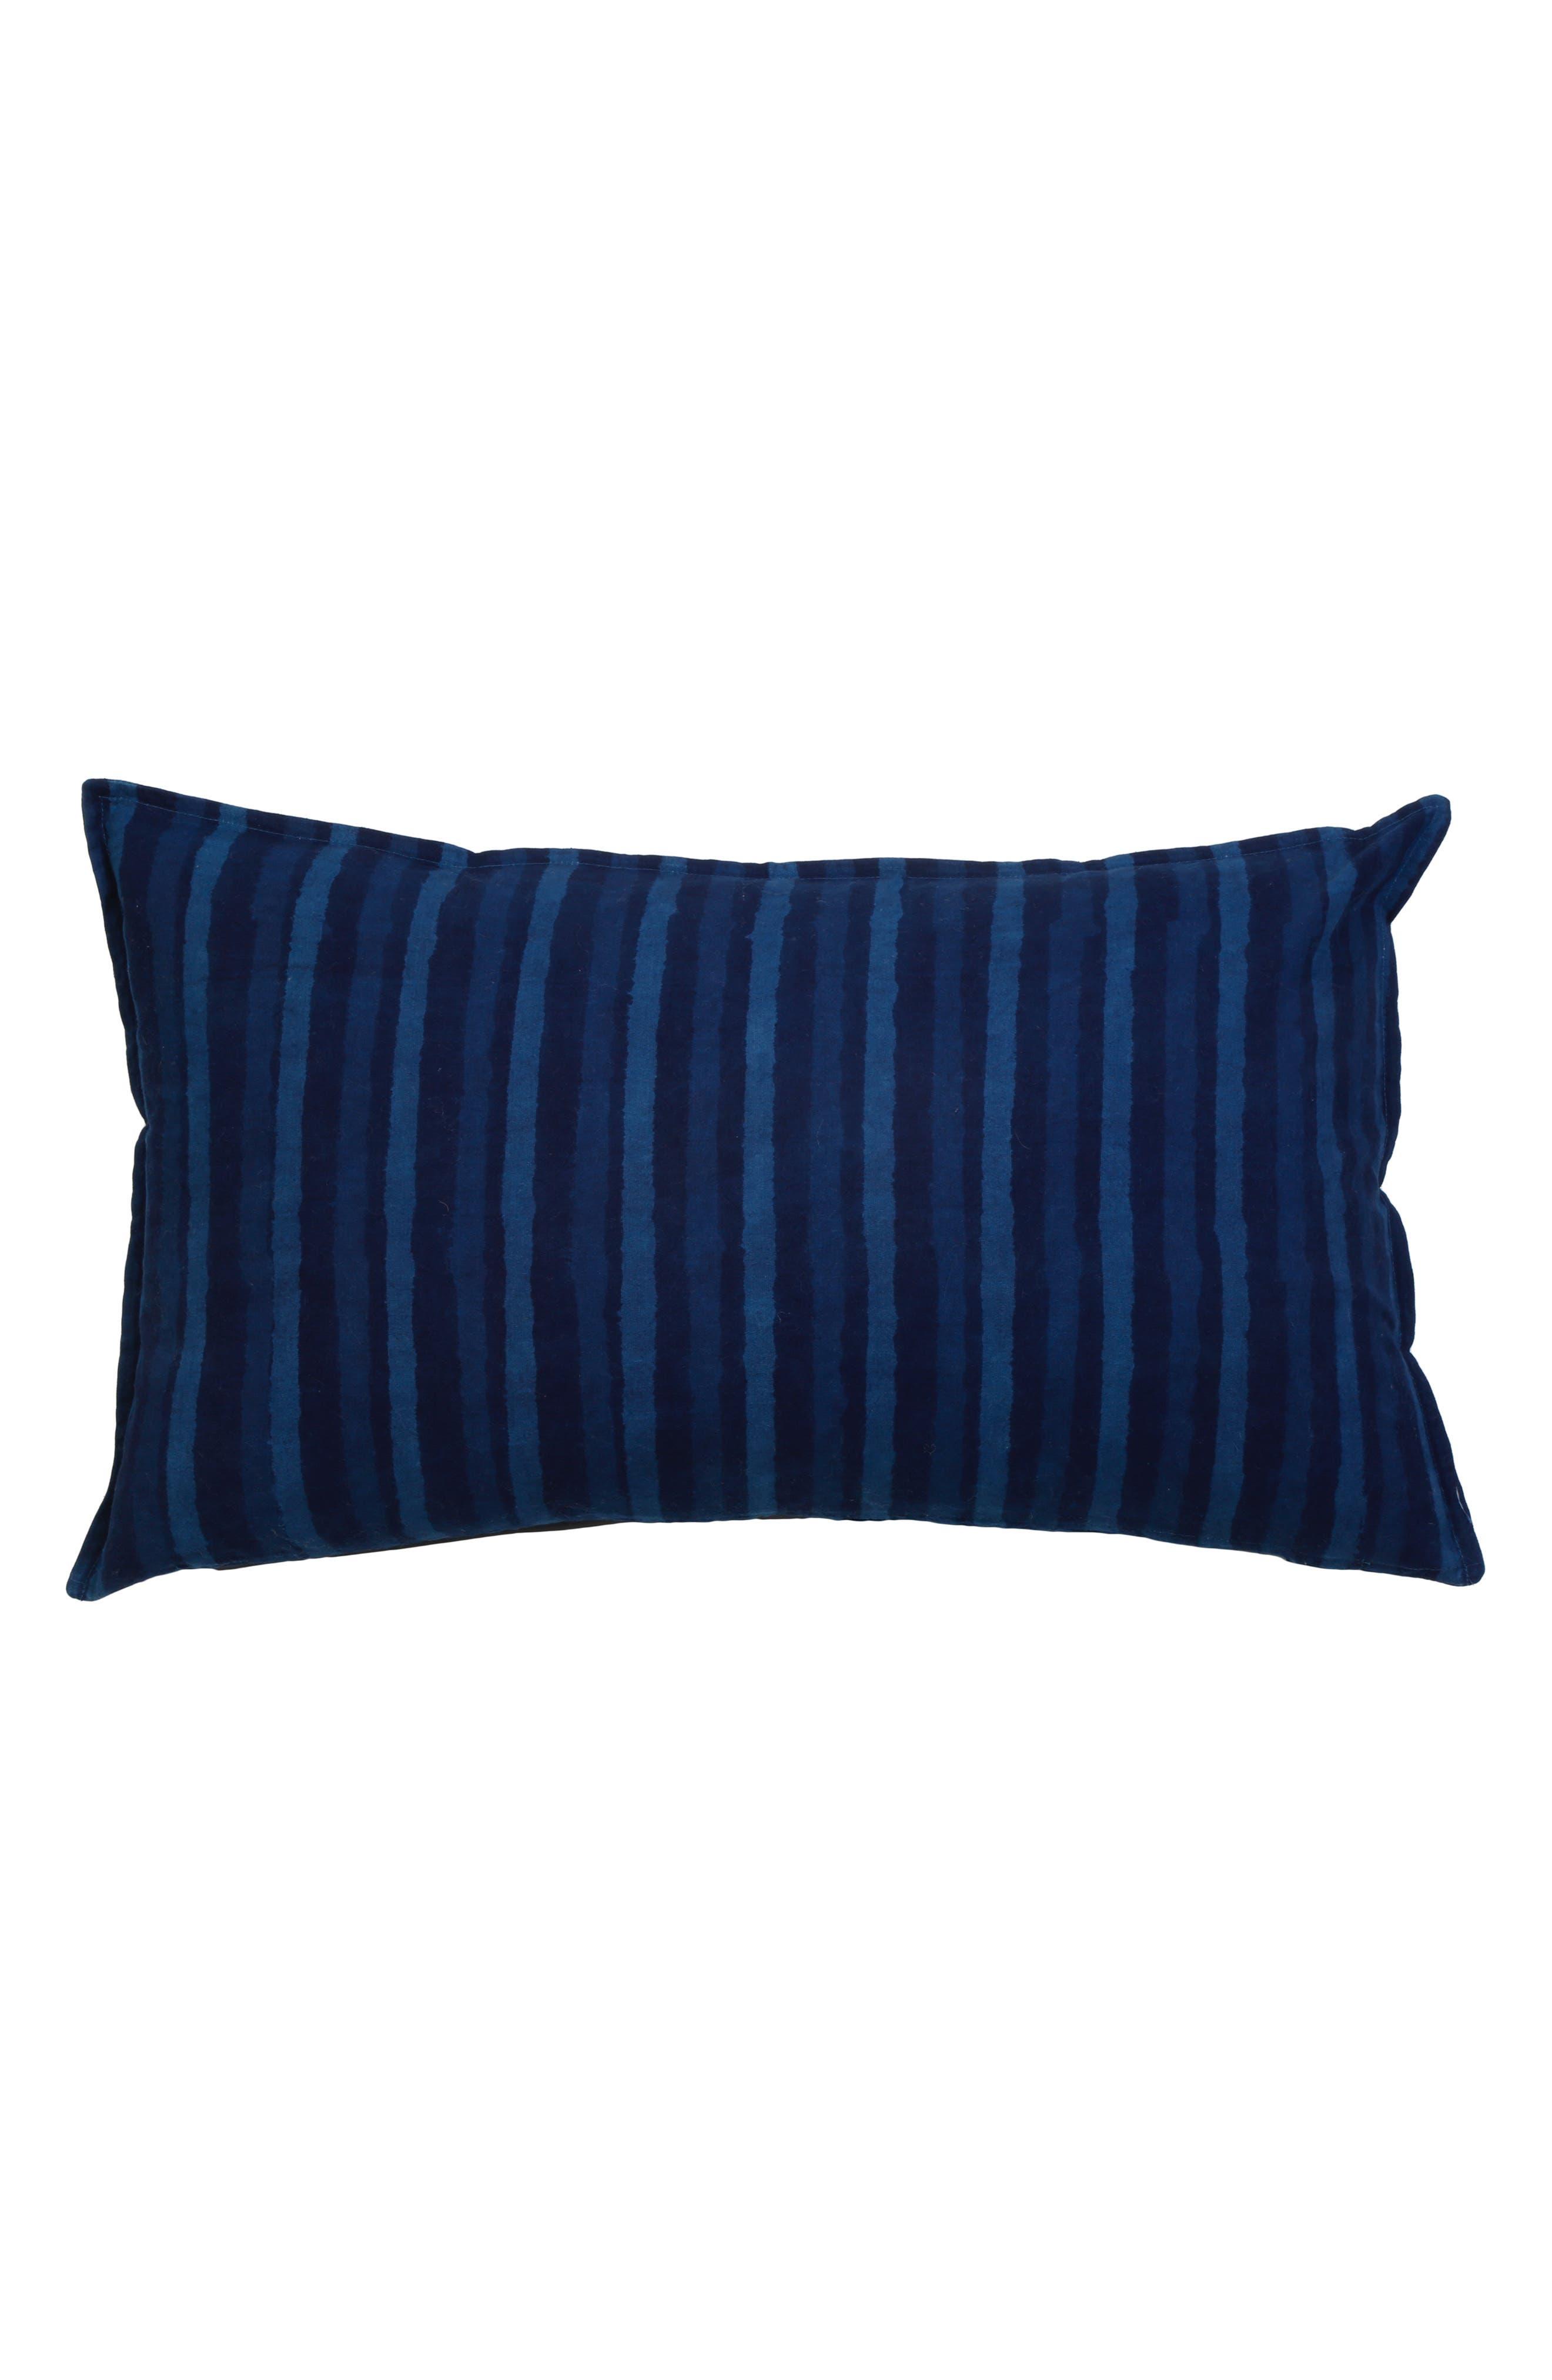 Indigo Stripe Accent Pillow,                         Main,                         color, Blue Multi